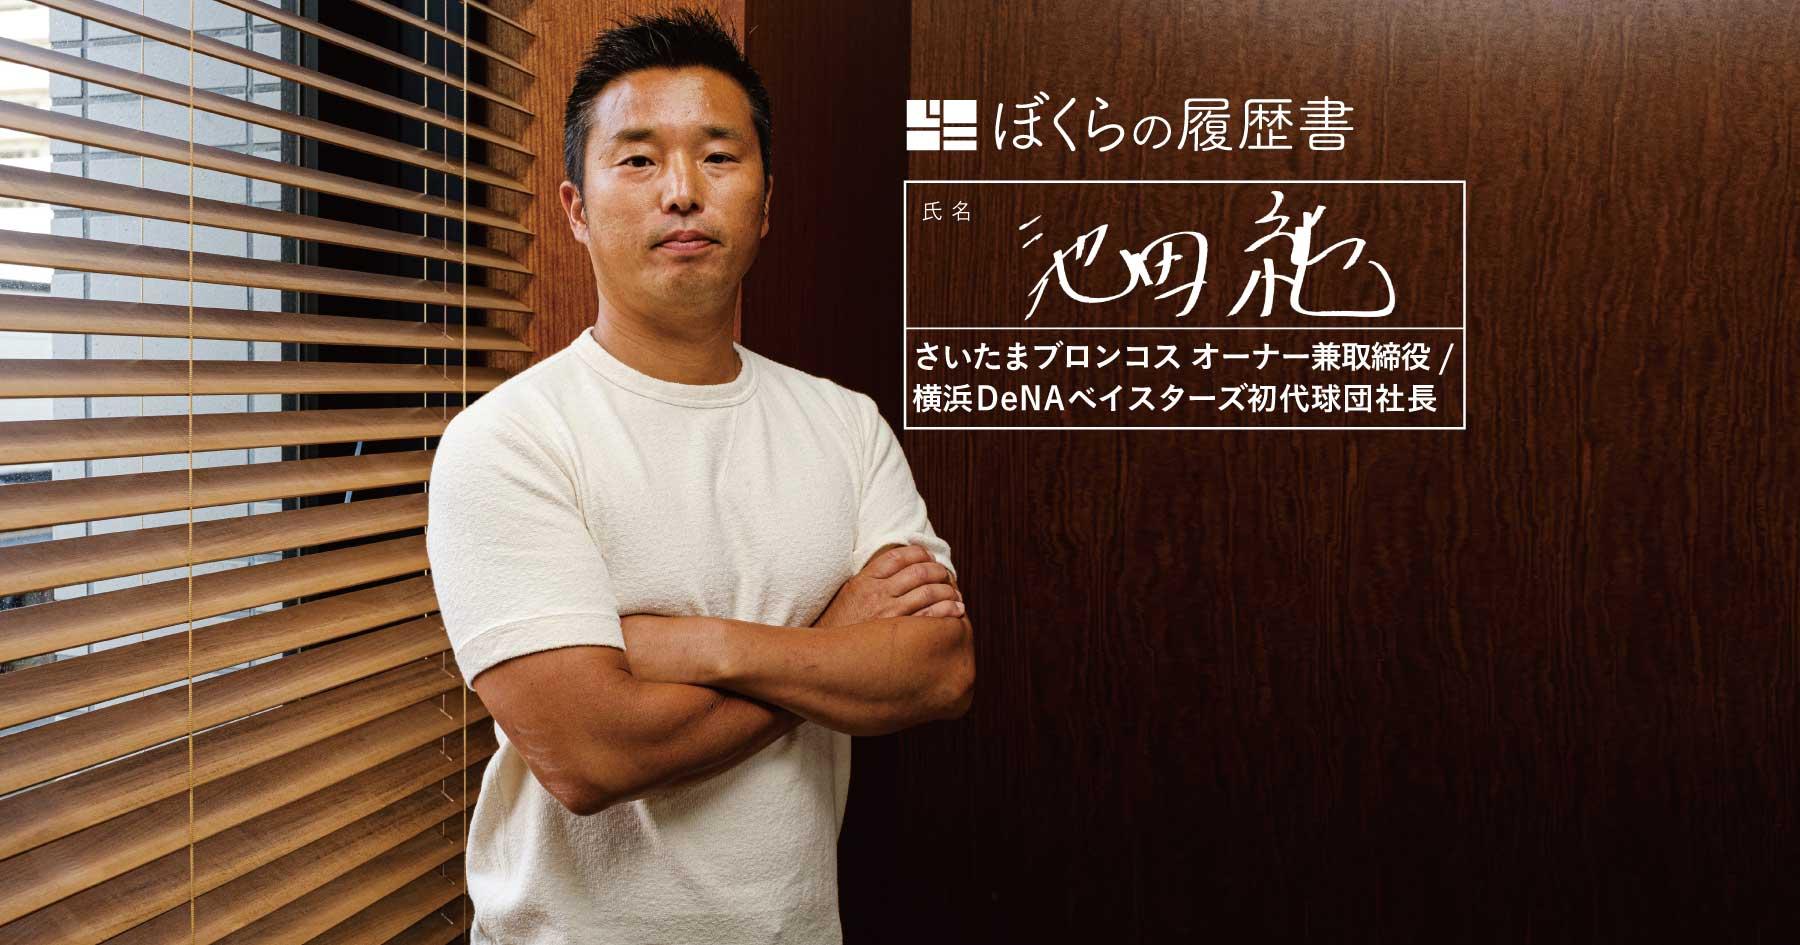 池田純さんの履歴書メインカット